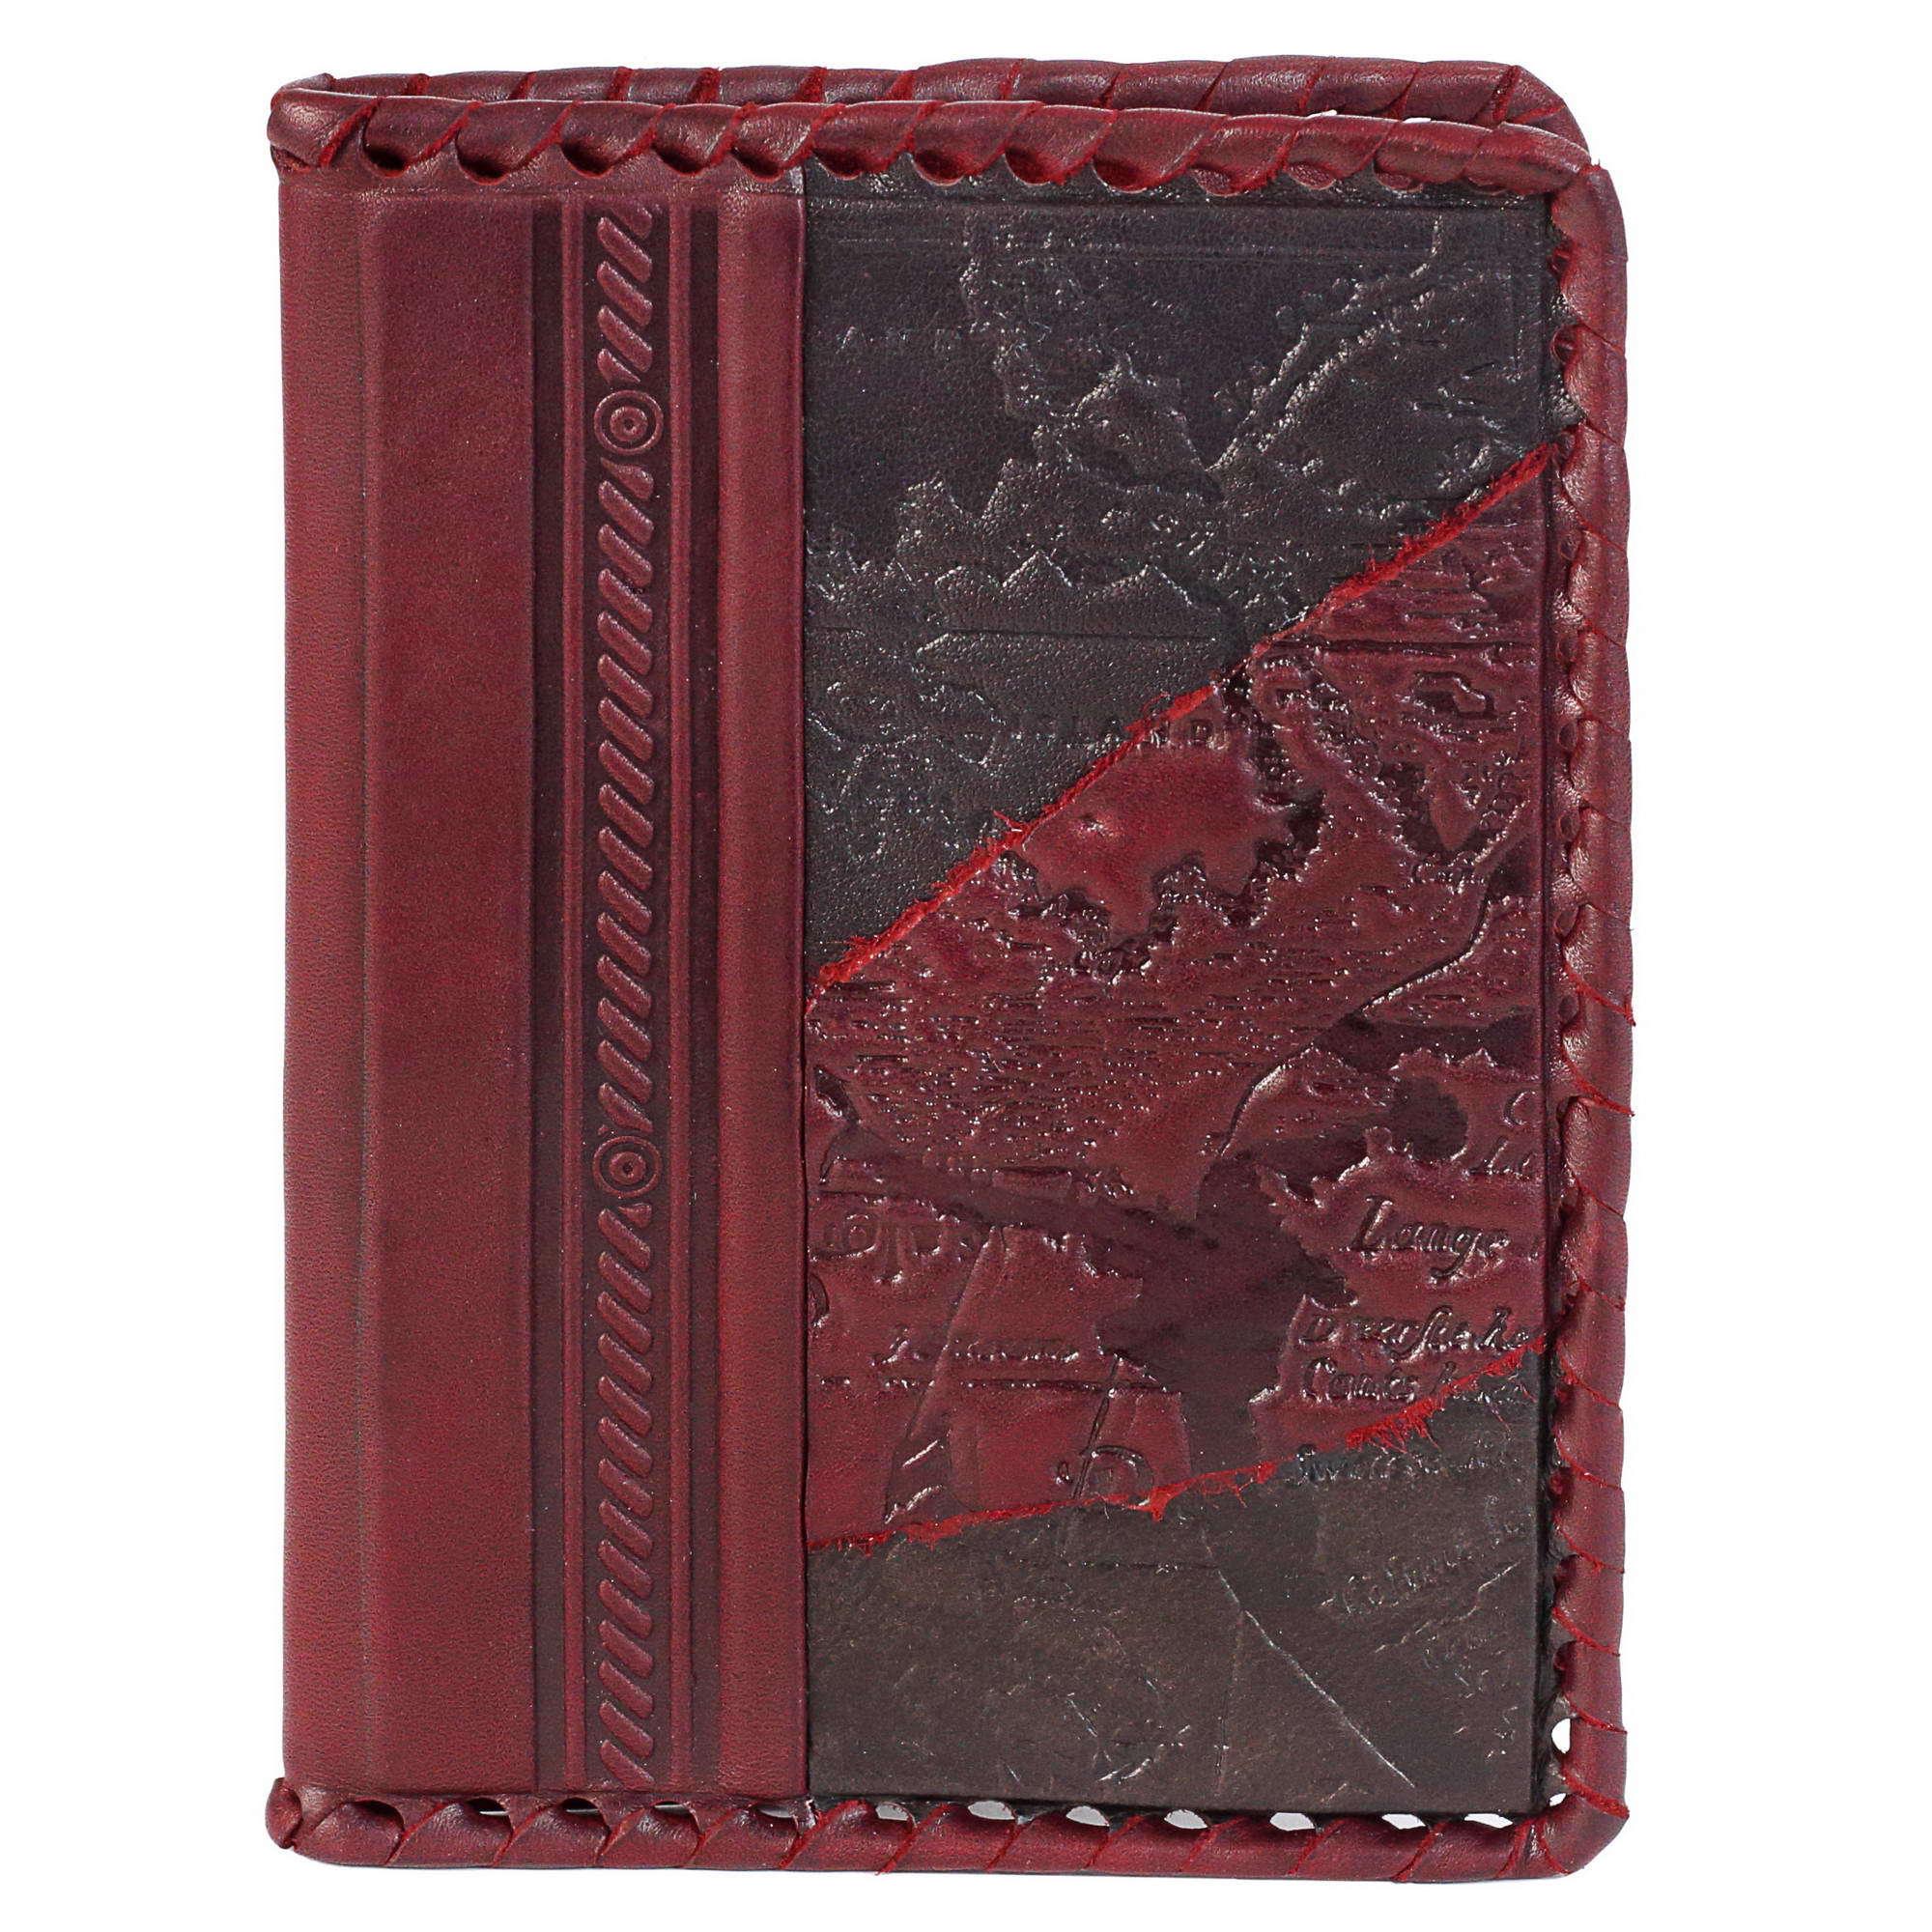 Обложка на паспорт «Роза Ветров». Цвет коричневый